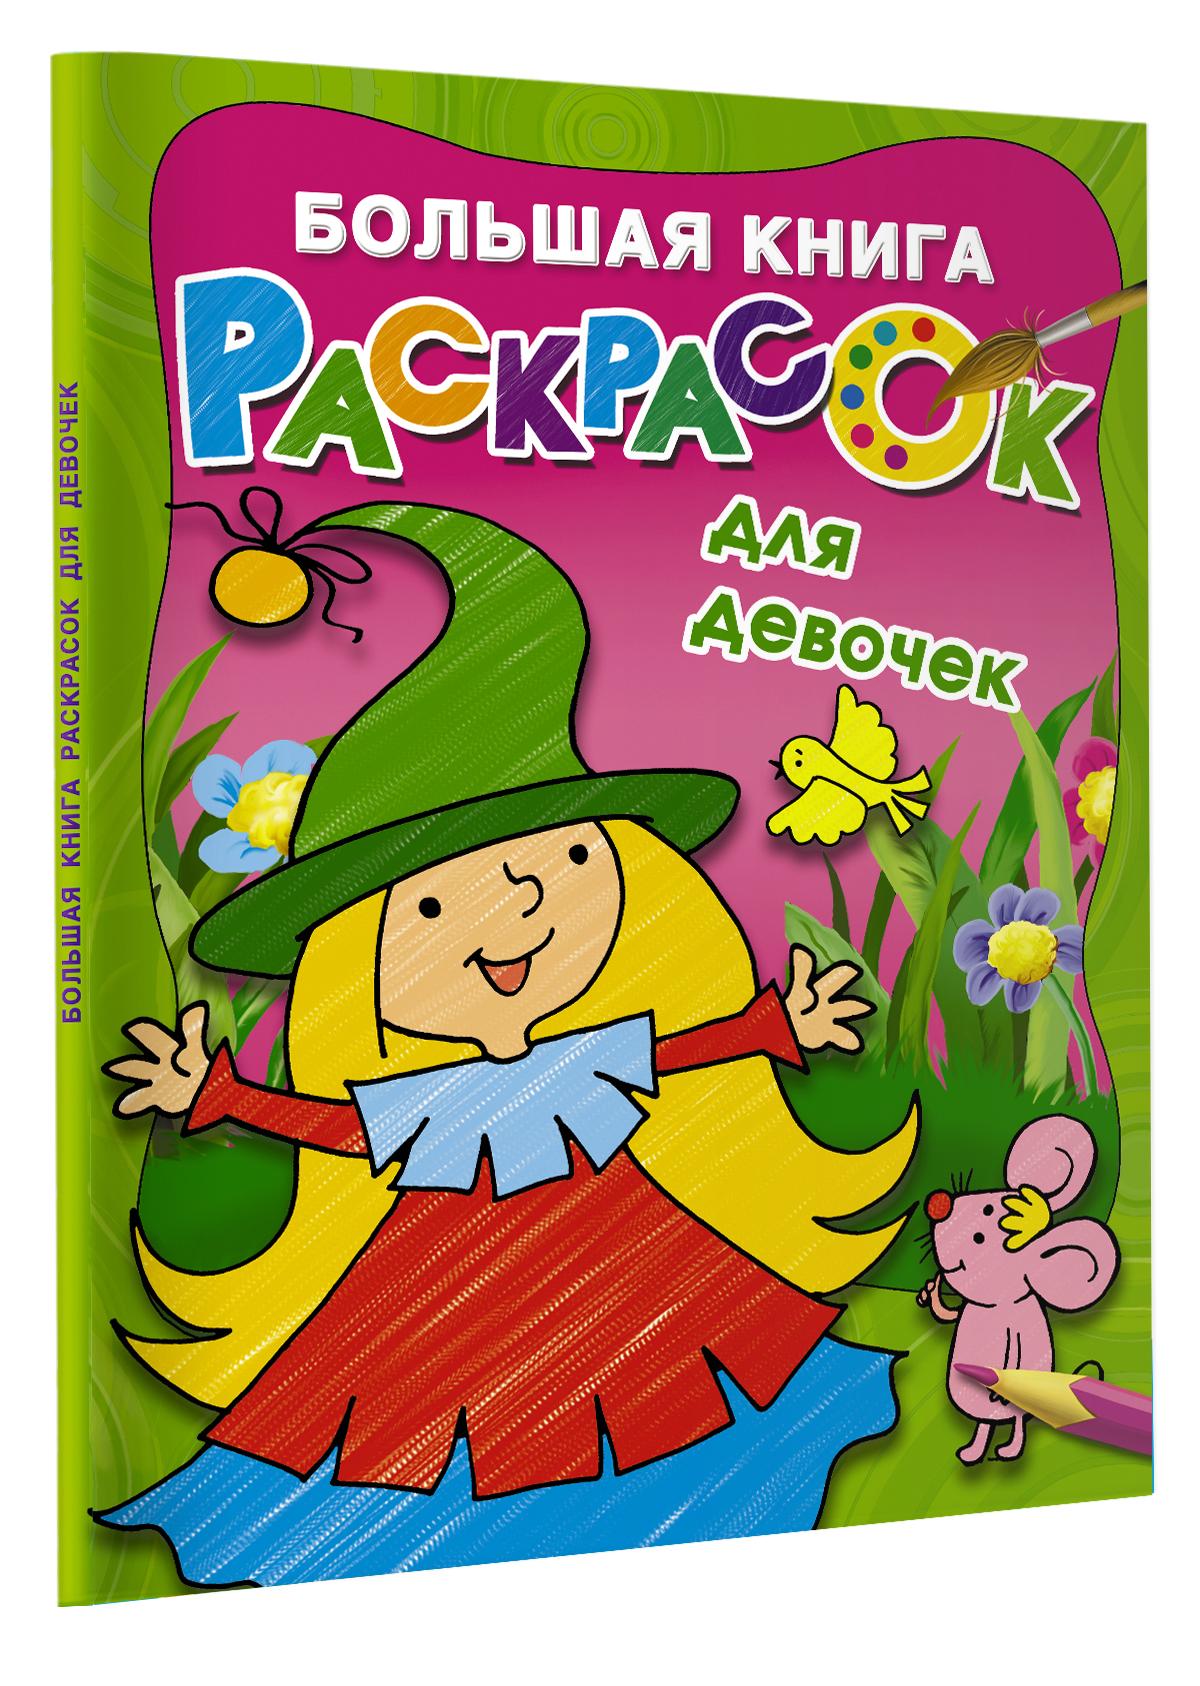 Двинина Л.В. Большая книга раскрасок для девочек издательство аст большая книга раскрасок для девочек